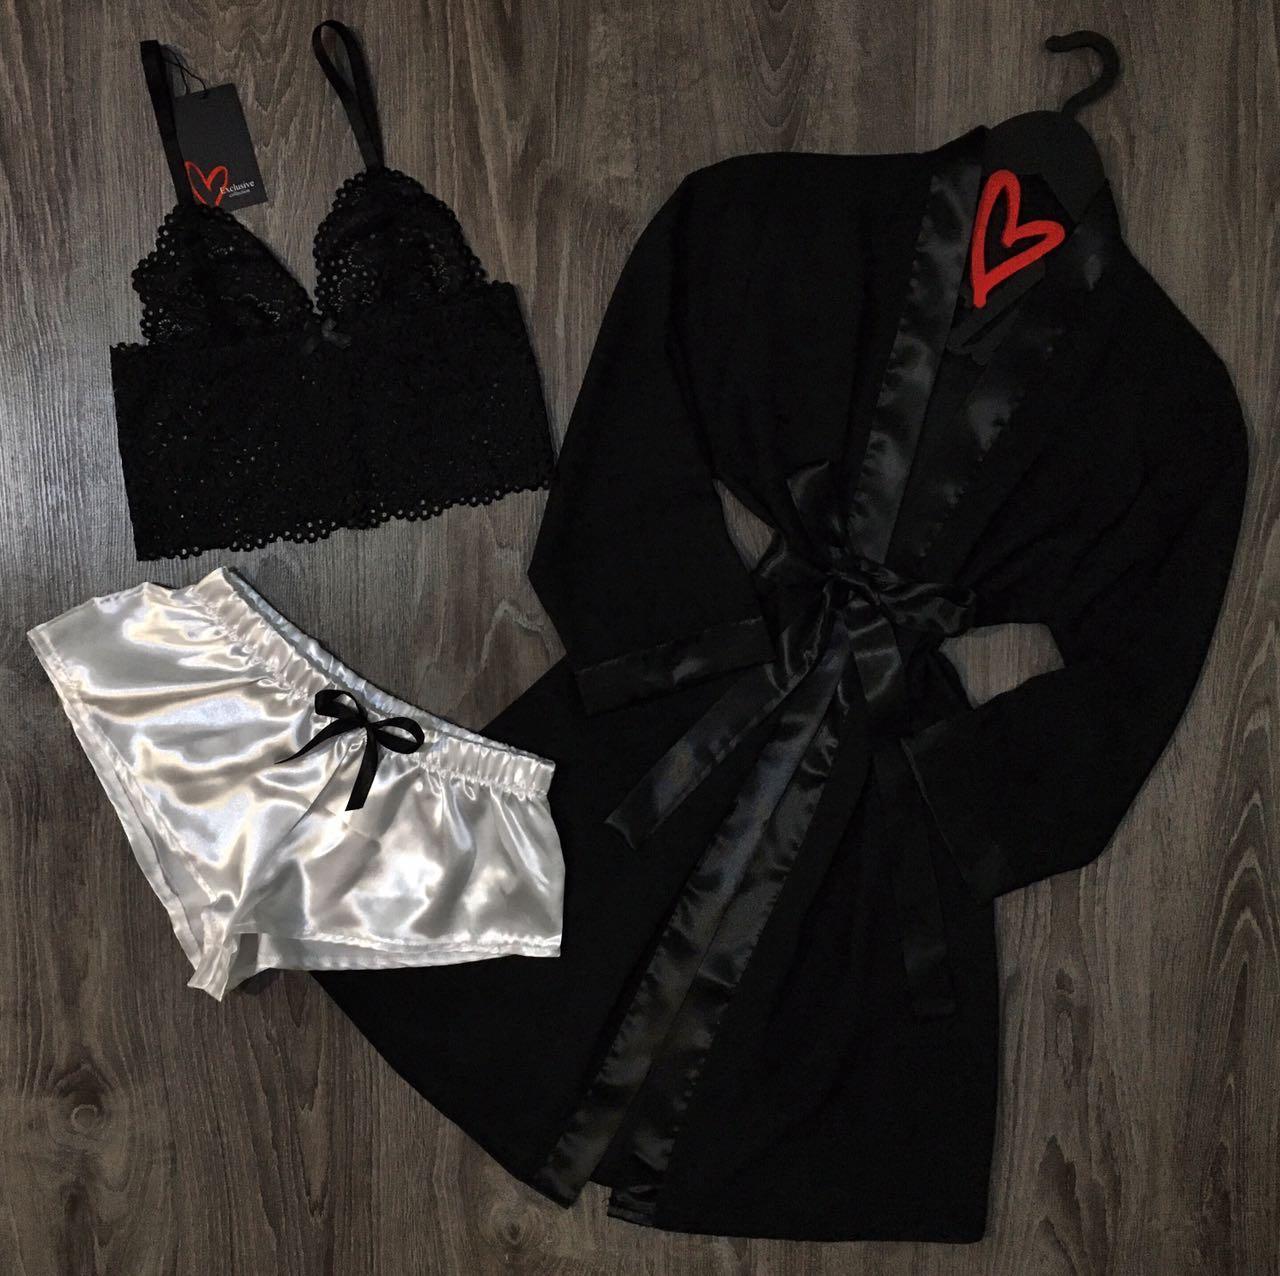 Черный шифоновый халат+пижама(кружевной бюстгальтер и шорты)-набор.